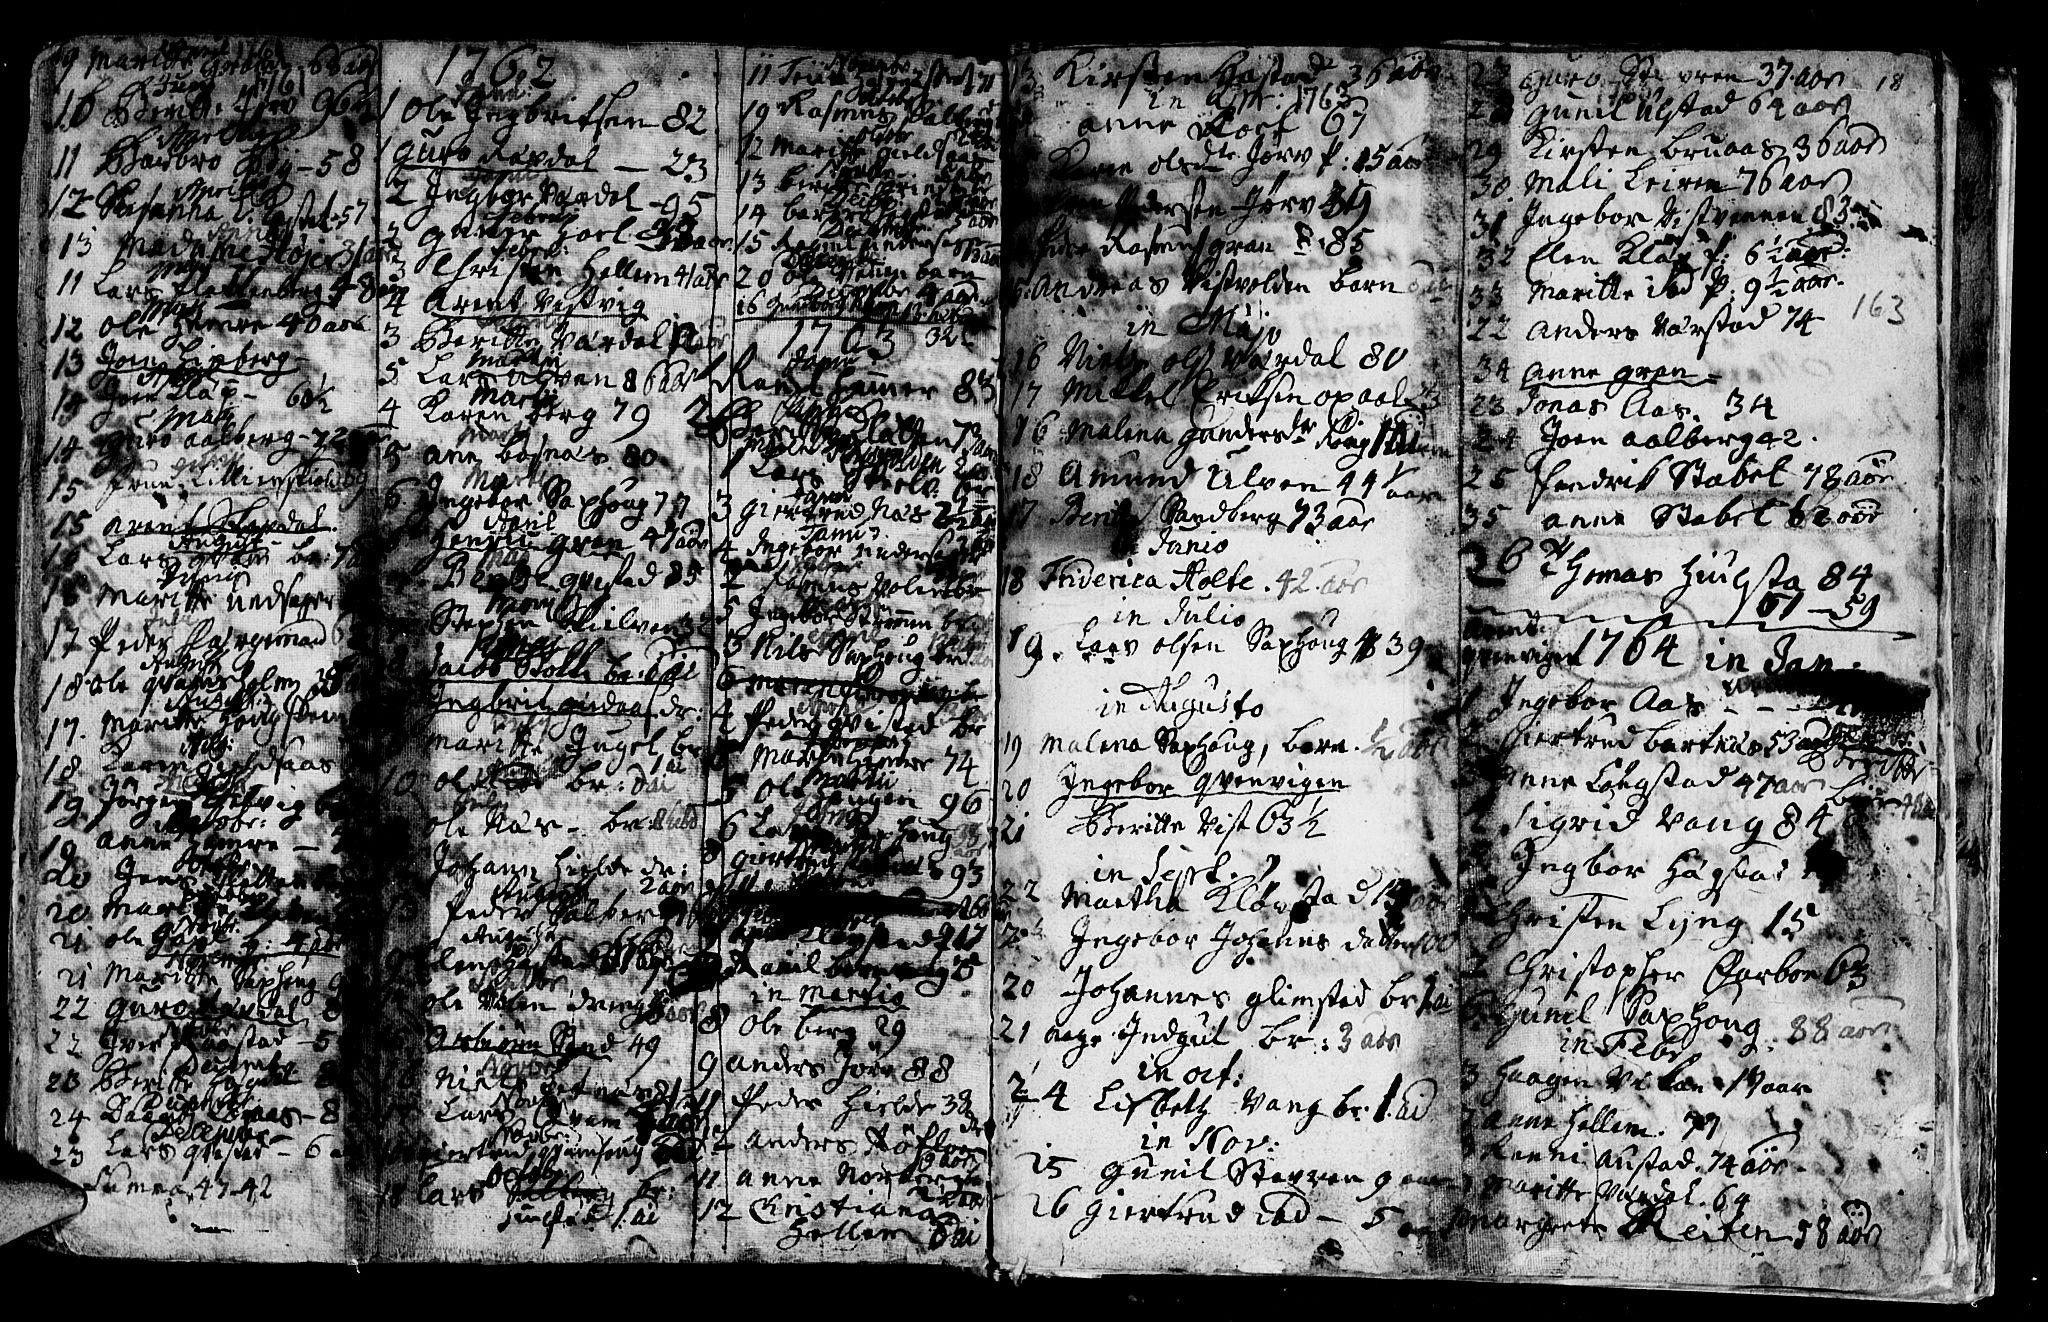 SAT, Ministerialprotokoller, klokkerbøker og fødselsregistre - Nord-Trøndelag, 730/L0272: Ministerialbok nr. 730A01, 1733-1764, s. 163